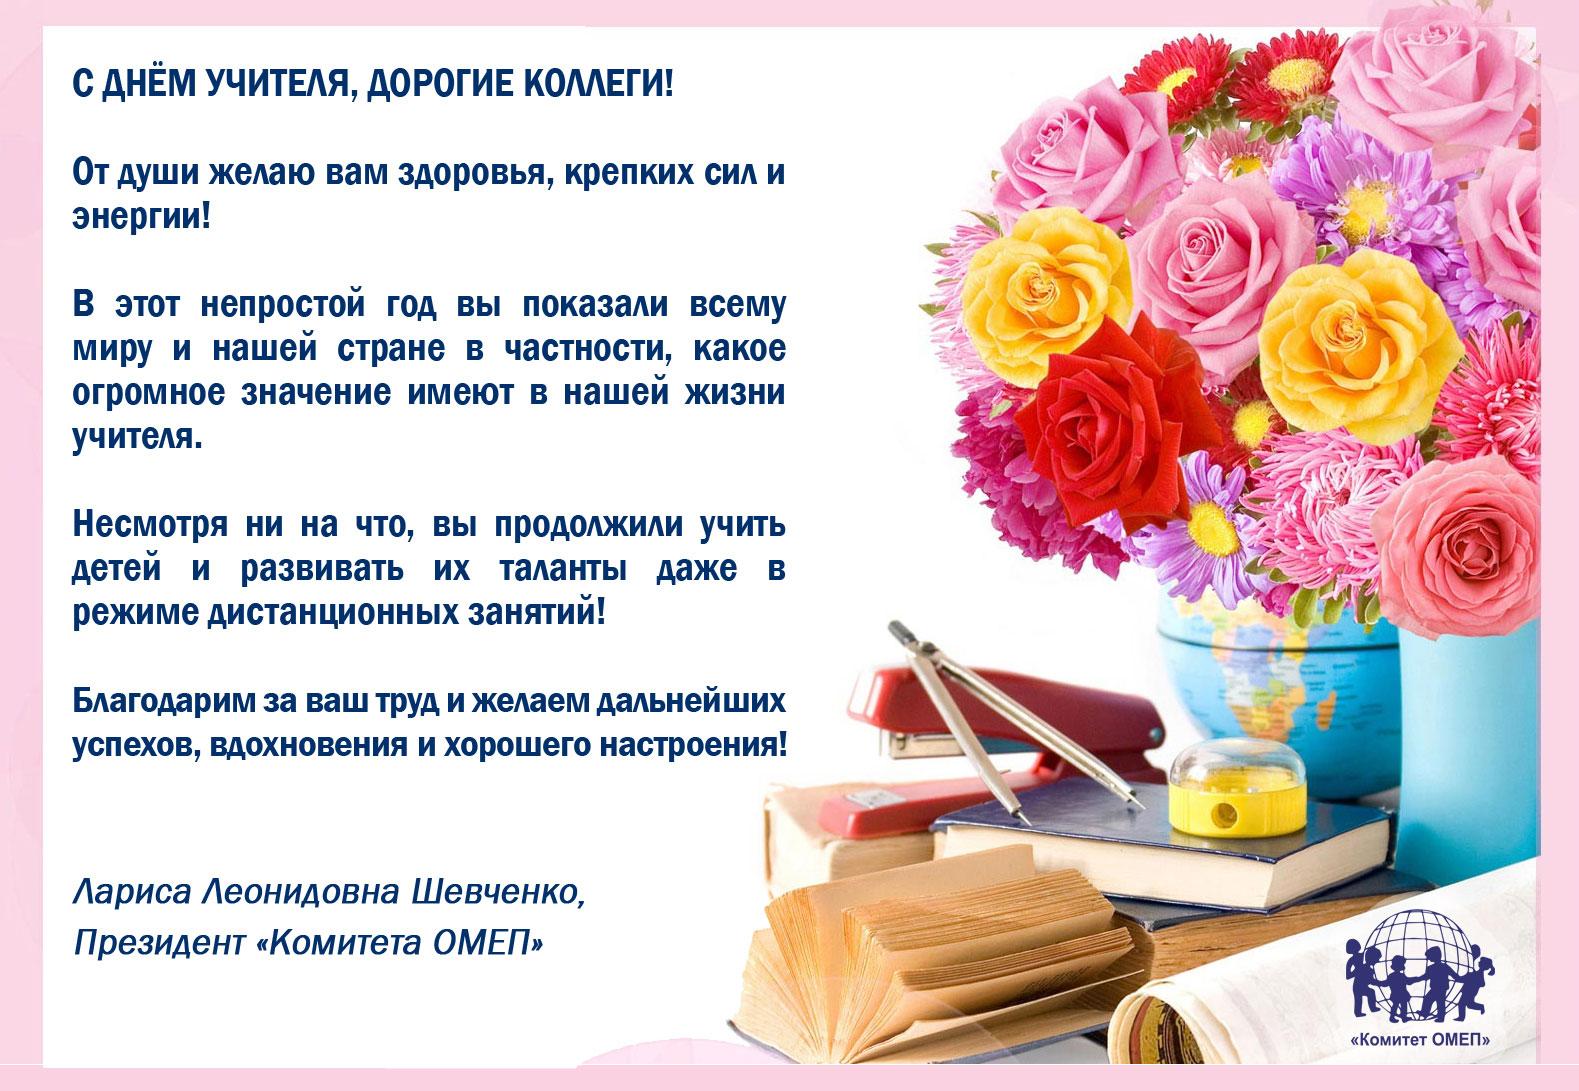 С Днём учителя, дорогие коллеги!